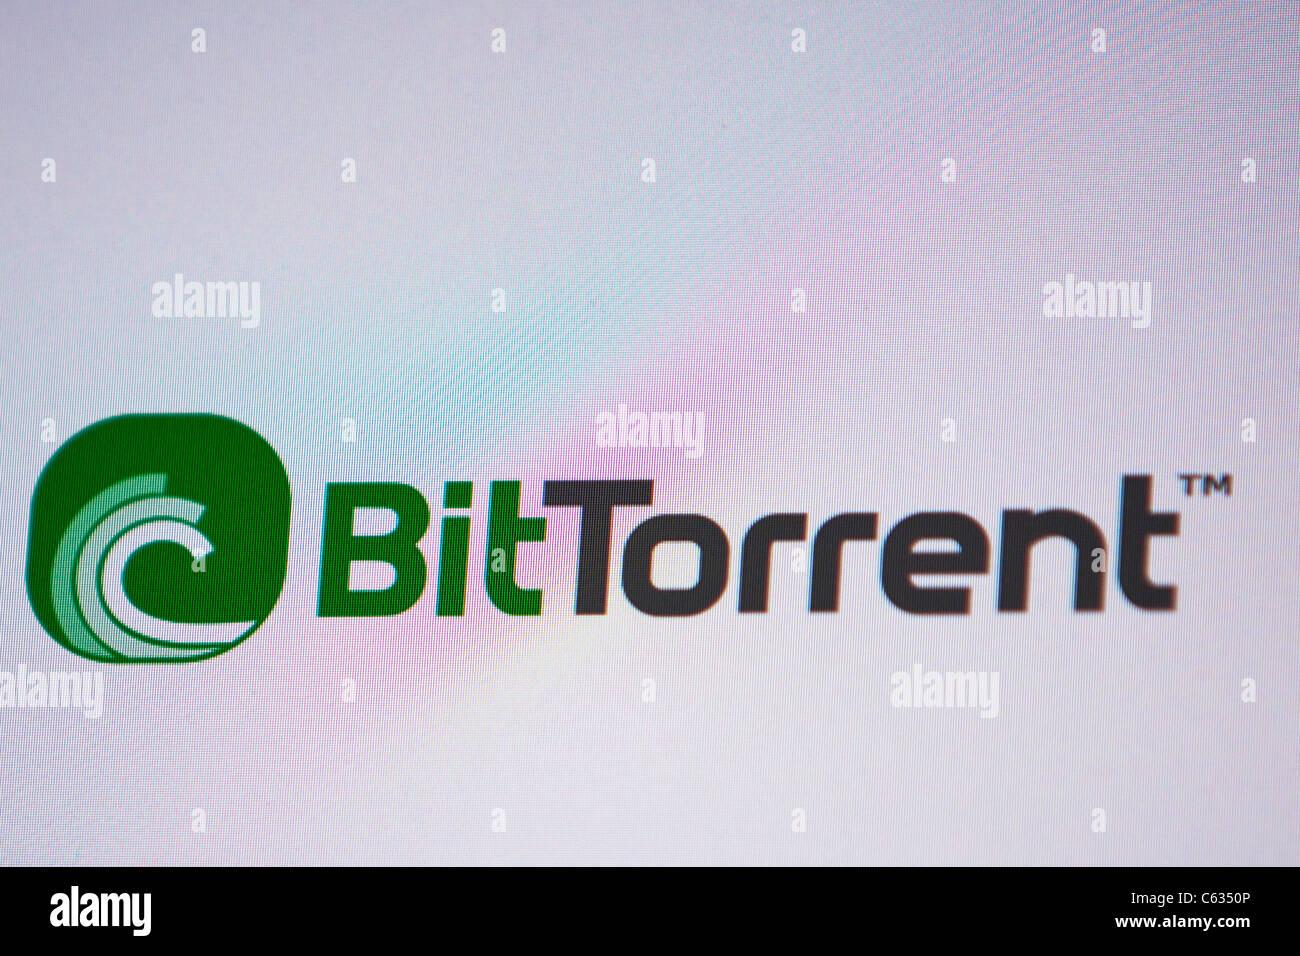 Logo du site de téléchargement illégal bit torrent image haute résolution prises à partir Photo Stock